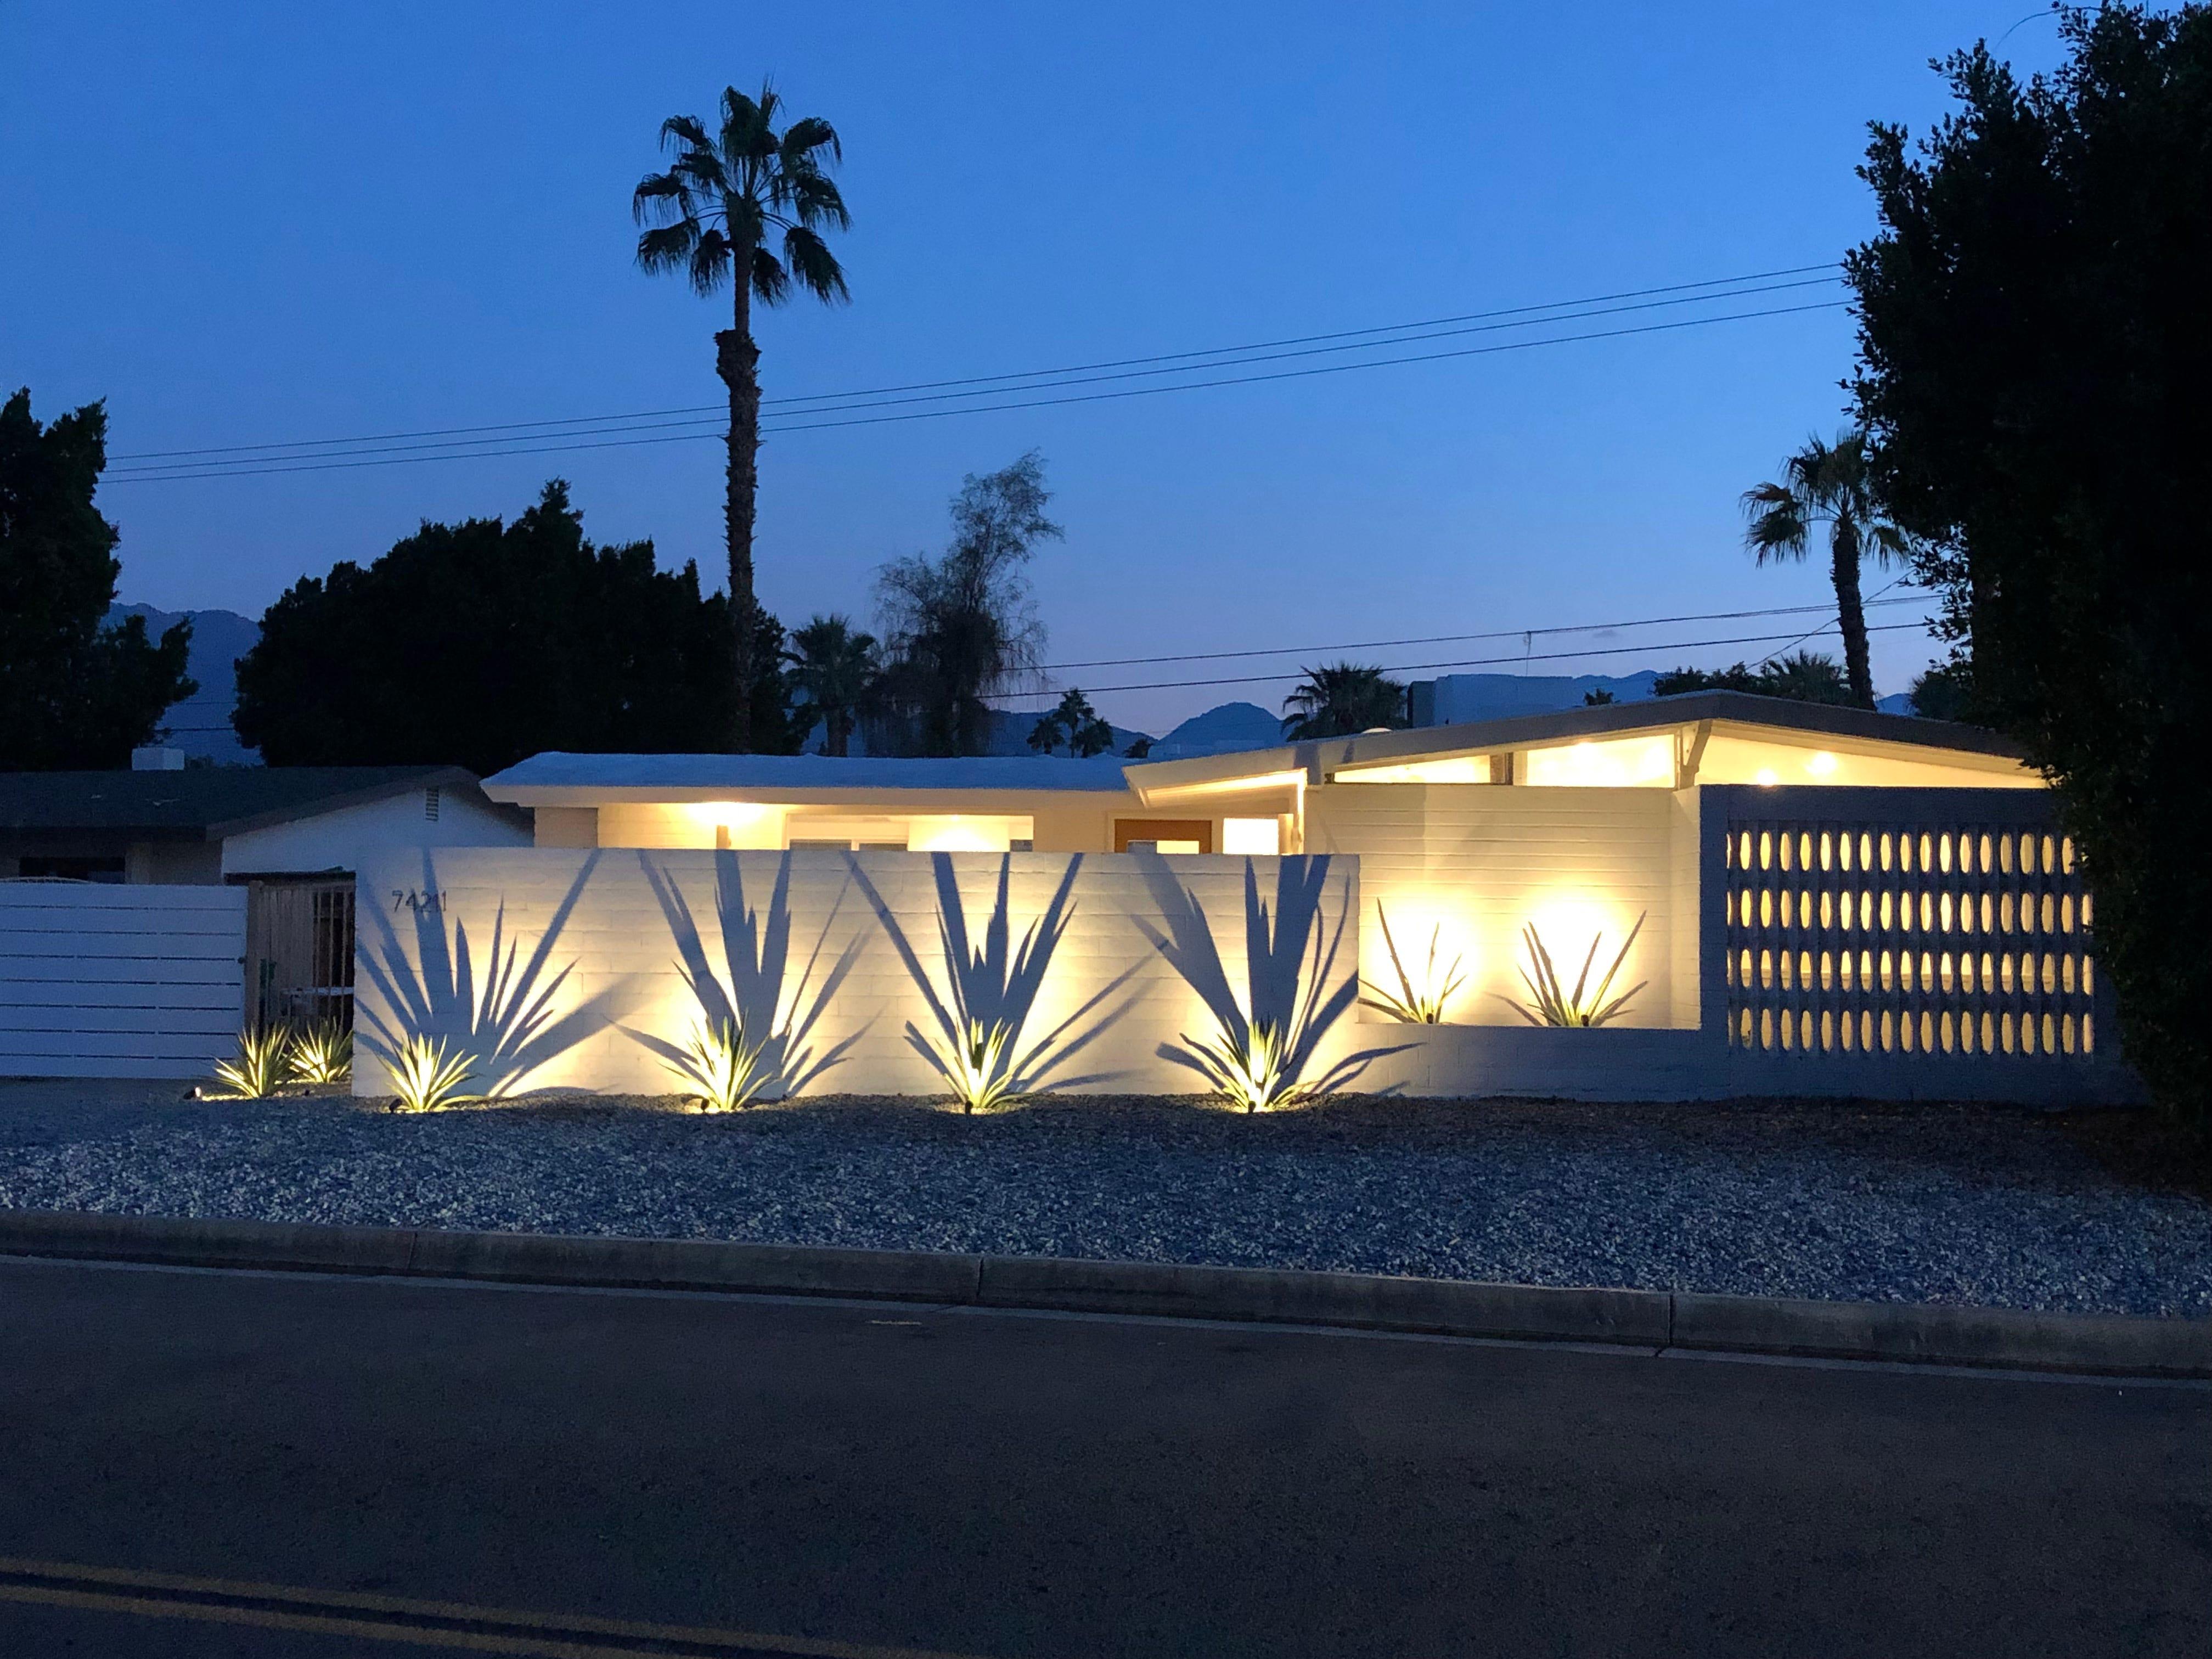 Rick Marino's renovated Walter S. White home in Palm Desert